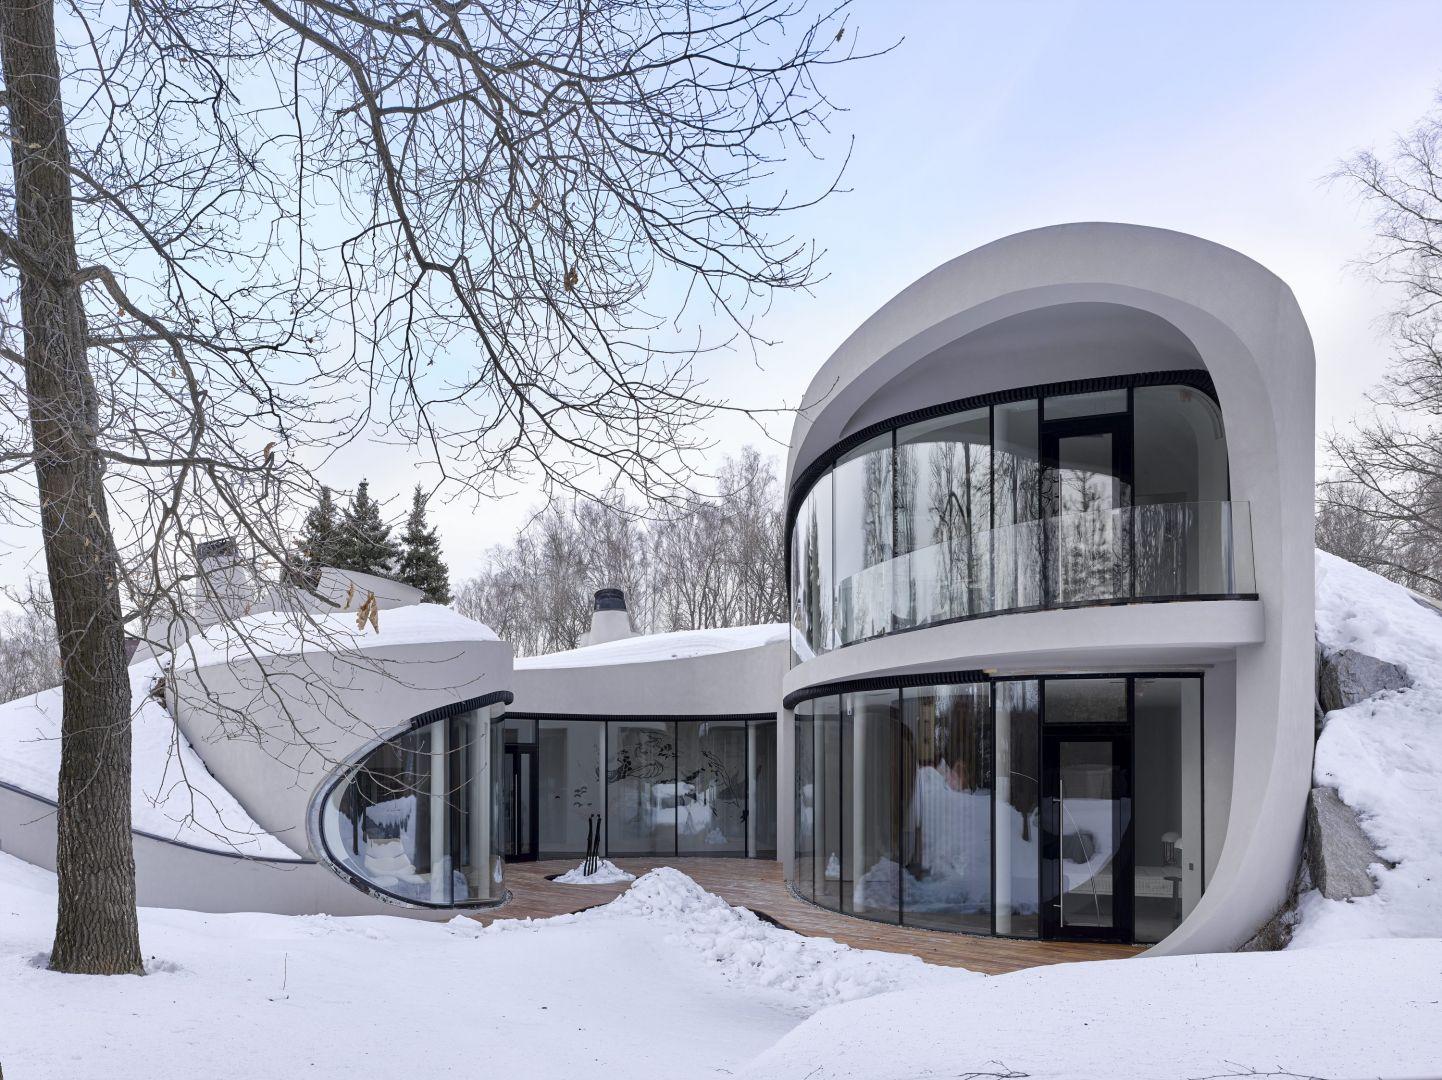 Zbudowany w dzielnicy Czechow, kilka kilometrów od Moskwy, House in the landscape czerpie inspirację z organicznej architektury Franka Lloyda Wrighta i ożywia budynek w futurystycznym stylu, który idealnie wtapia się w krajobraz.